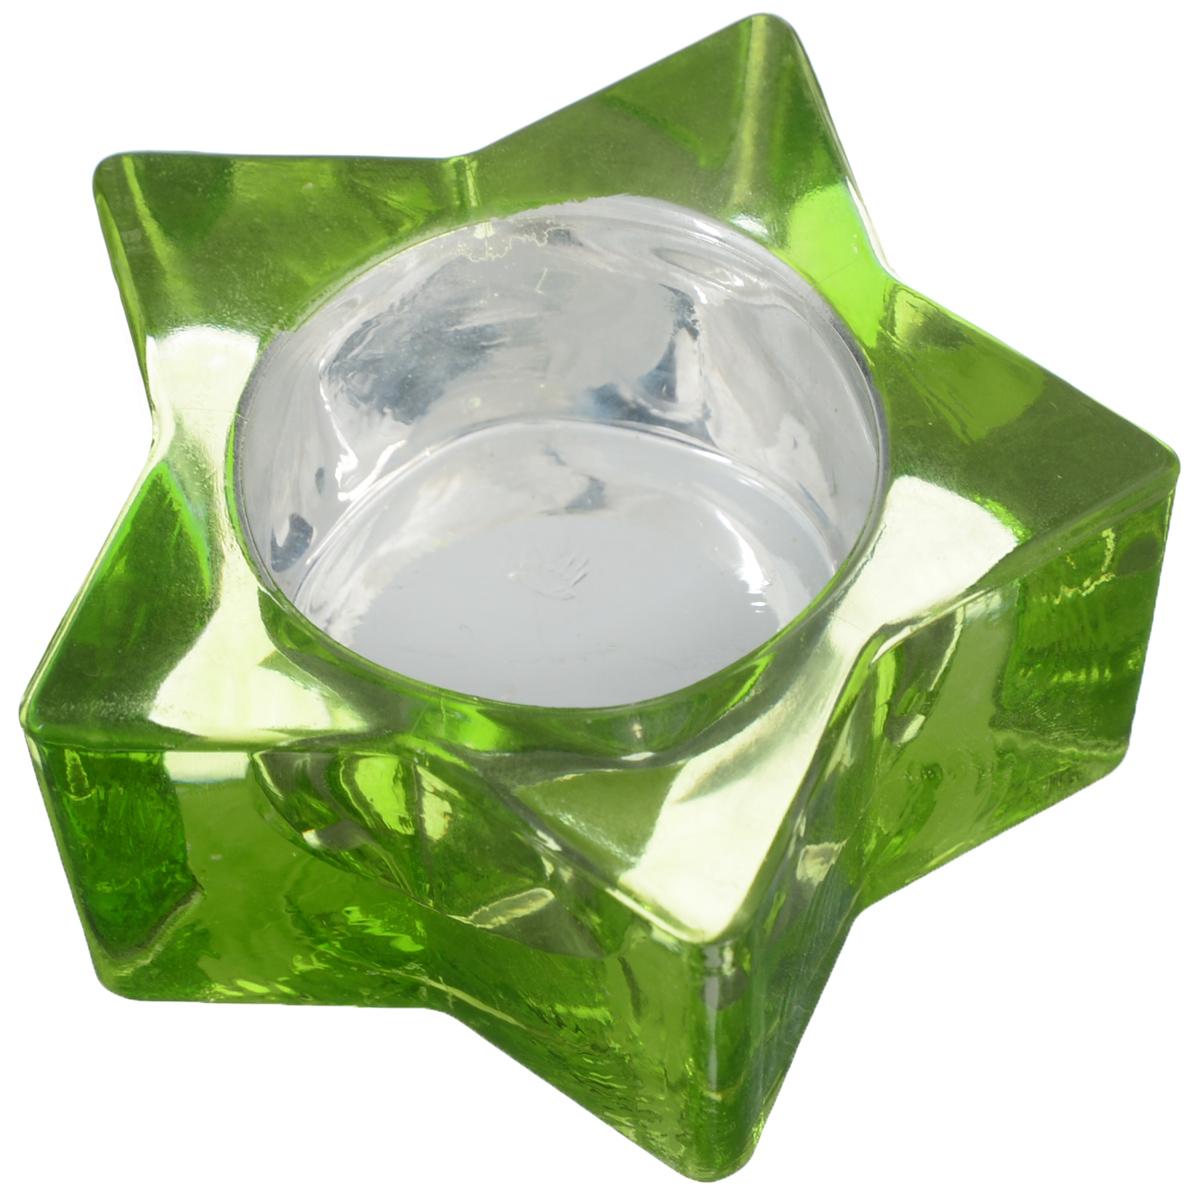 Подсвечник Loraine Звездочка, цвет: зеленый25051 7_зеленыйДекоративный подсвечник Loraine Звездочка изготовлен из цветного стекла и предназначен для одной свечи. Изделие имеет форму звезды. Благодаря оригинальному дизайну, такой подсвечник позволит украсить интерьер дома или рабочего кабинета оригинальным образом. Вы сможете не просто внести в интерьер своего дома элемент необычности, но и создать атмосферу загадочности.Размер подсвечника: 7,5 х 7,5 х 3,3 см.Диаметр отверстия для свечи: 4,2 см.